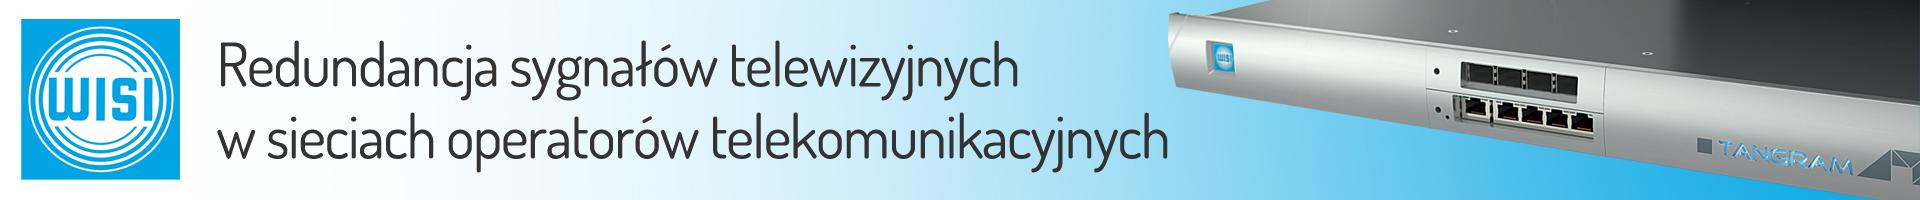 _SLIDER_Artykul_Redundancja_sygnalow_CATV_